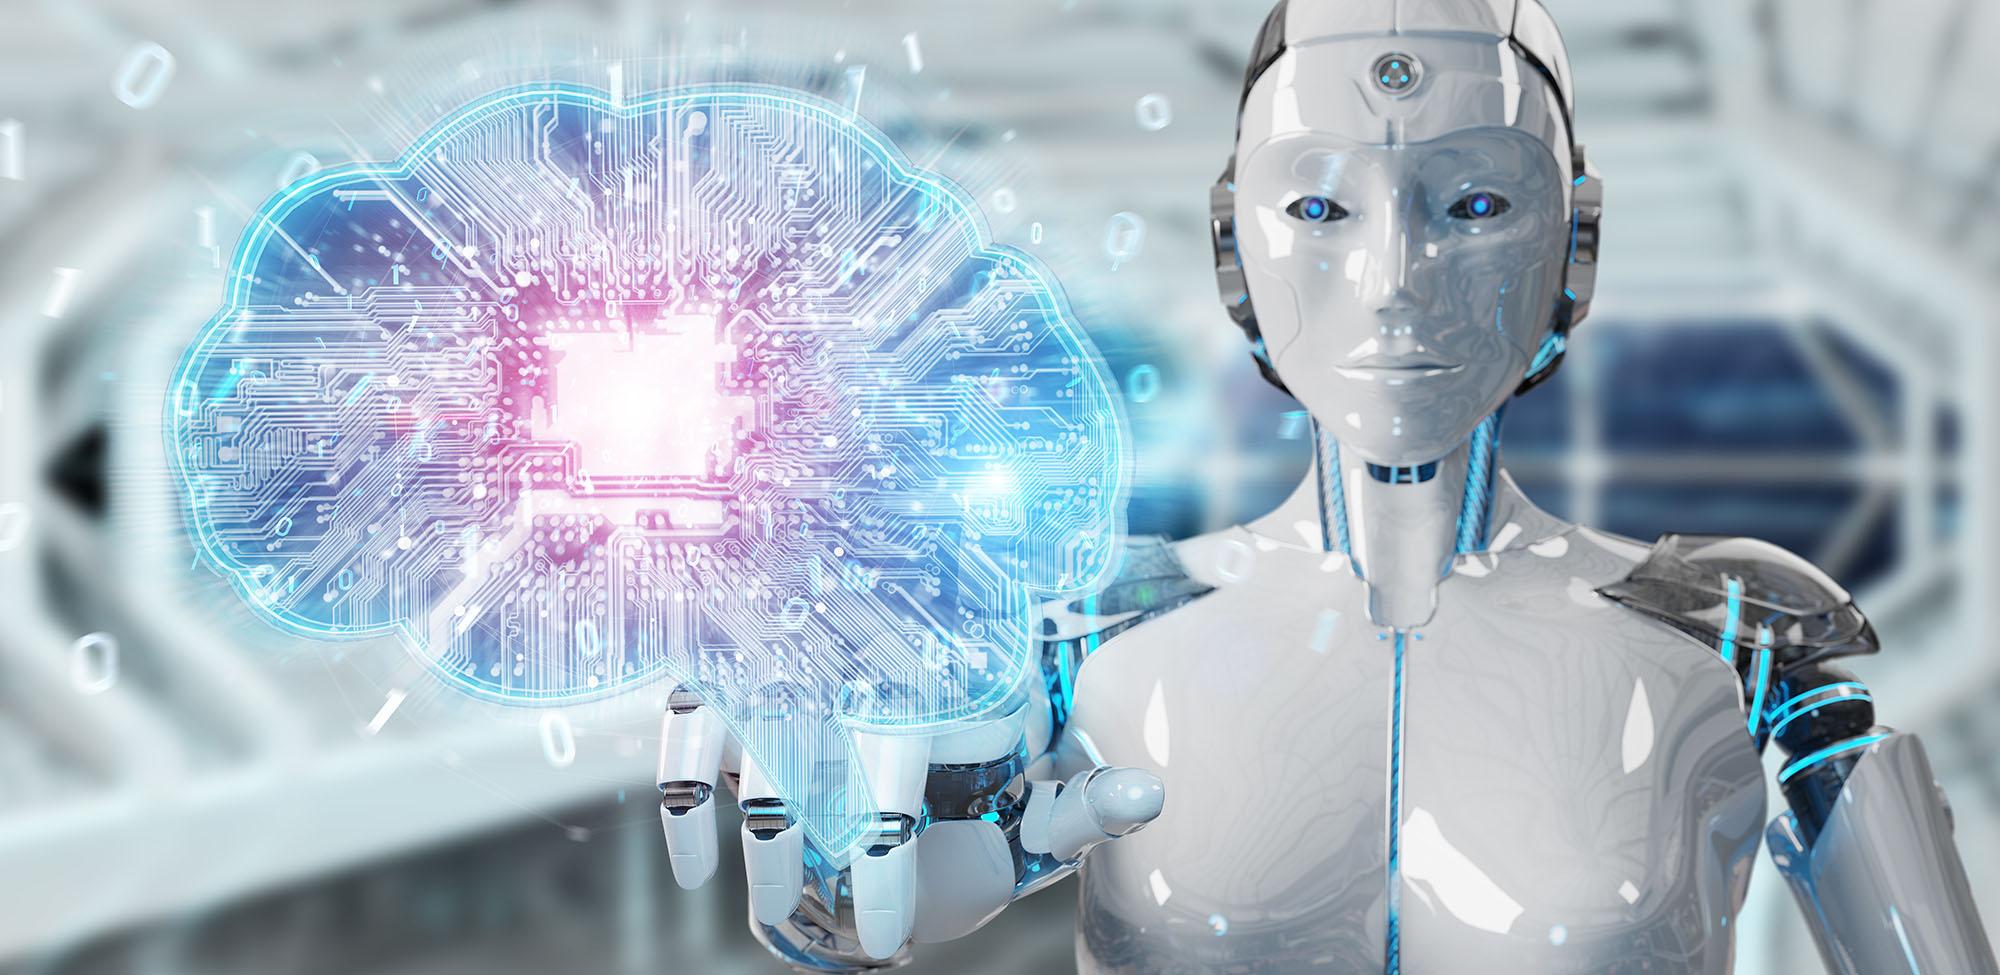 Τεχνητή Νοημοσύνη: Έλεγχος συμπτωμάτων πριν τον γιατρό